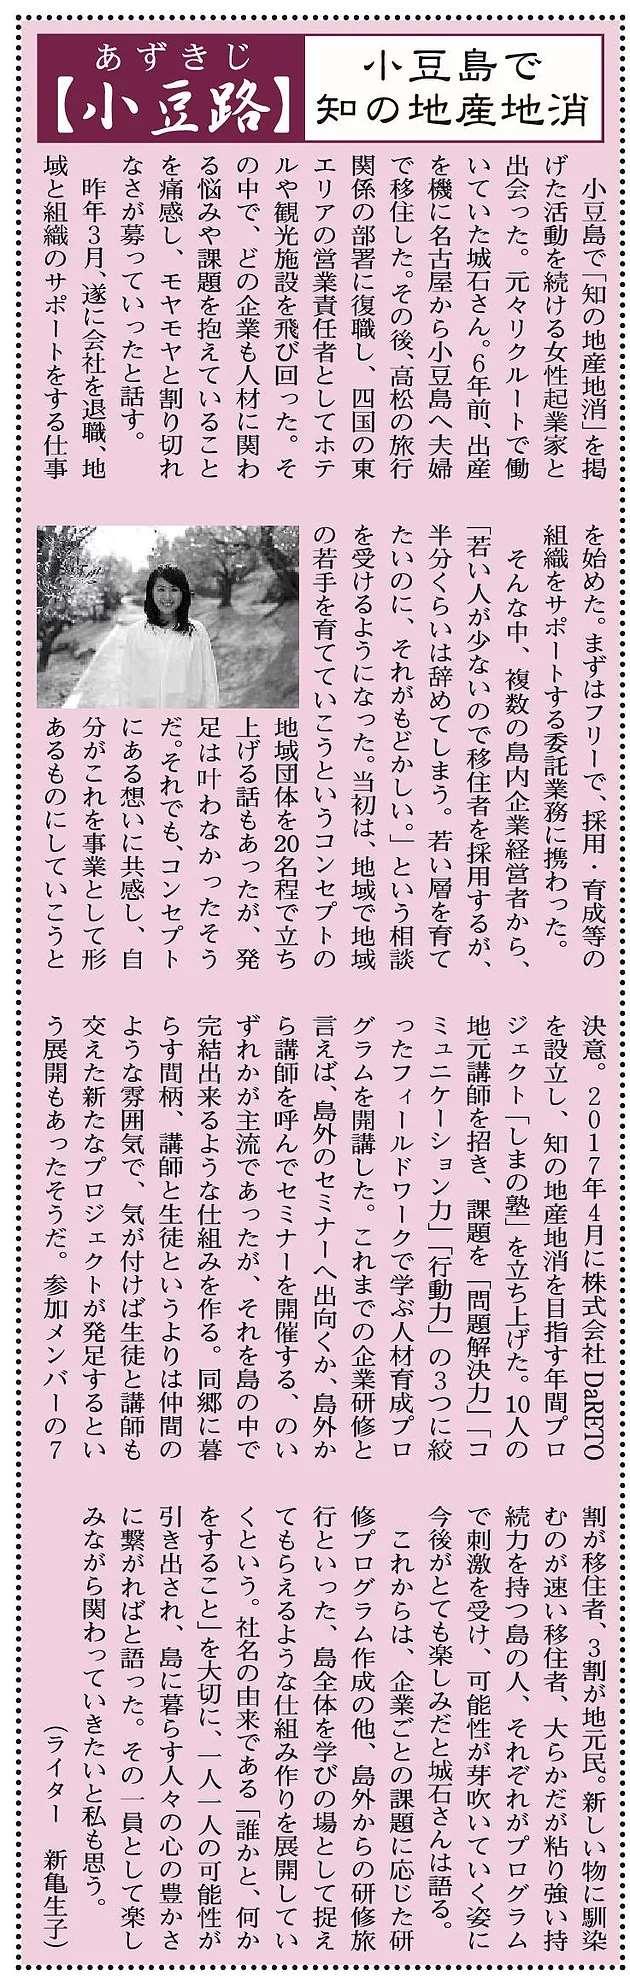 香川経済レポート(2017/9/5)にDaRETOが掲載されました